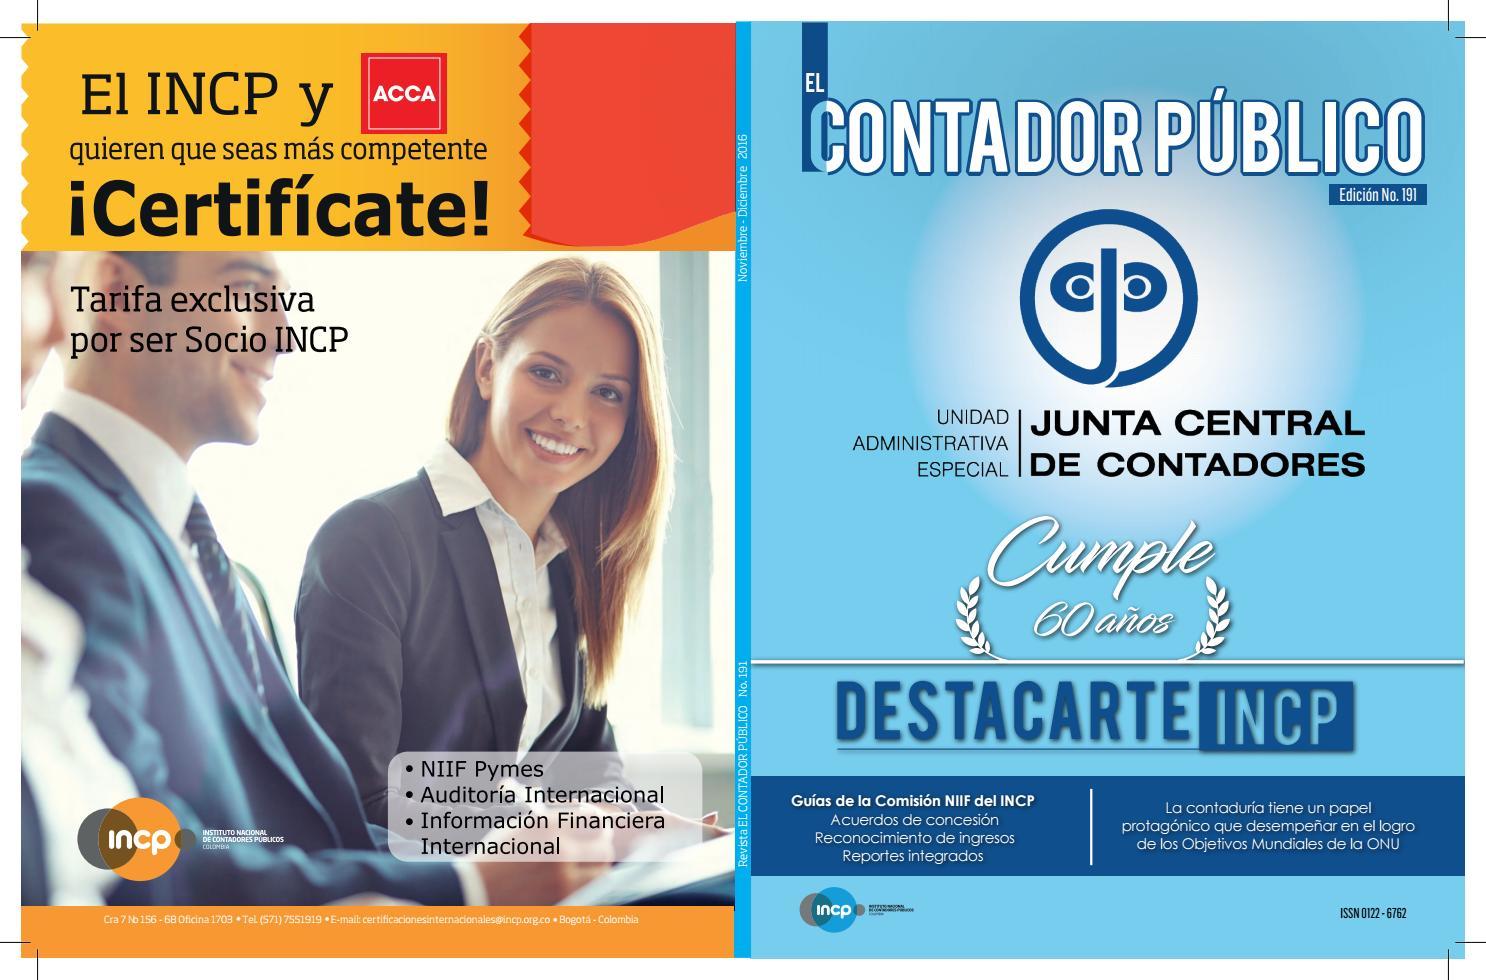 Revista El Contador Público No. 191 by INCP - issuu